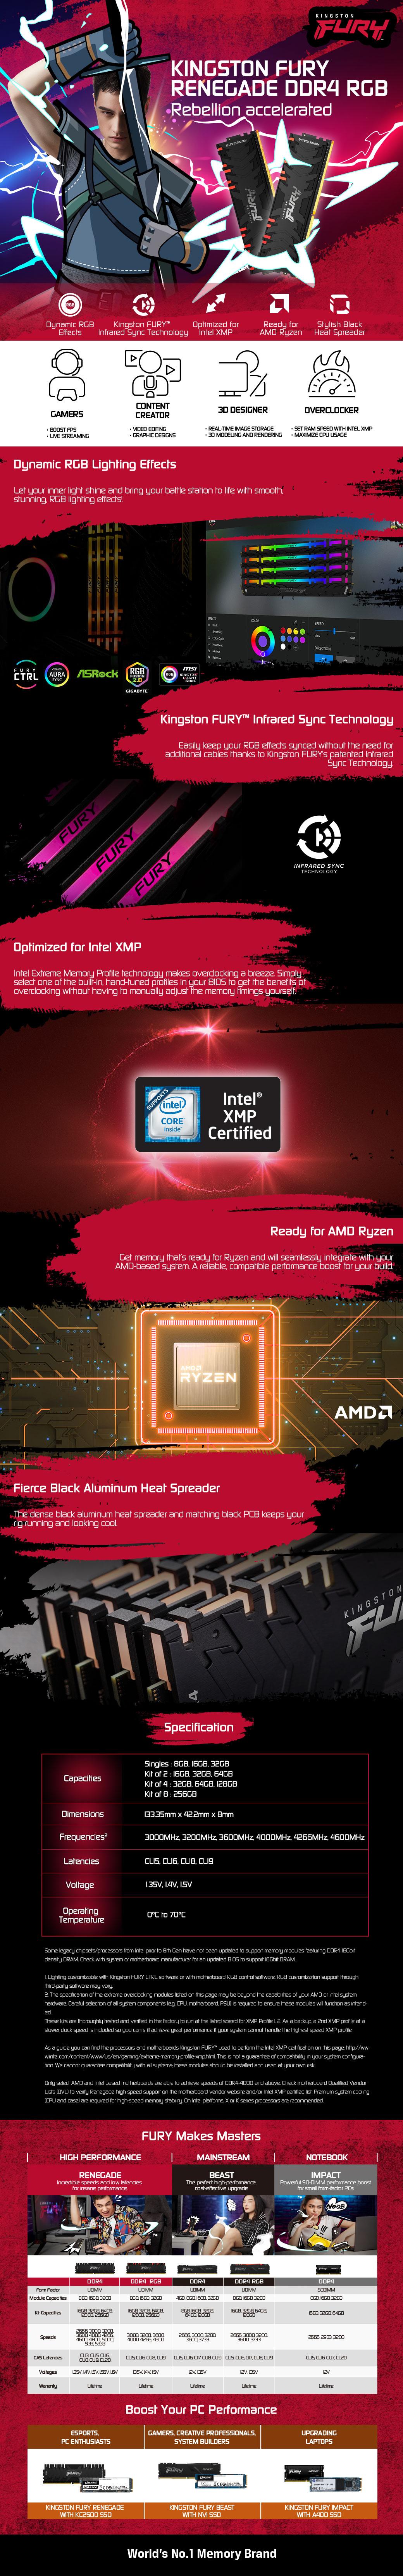 Kingston FURY Renegade DDR4 RGB_Etail banner_EN.jpg